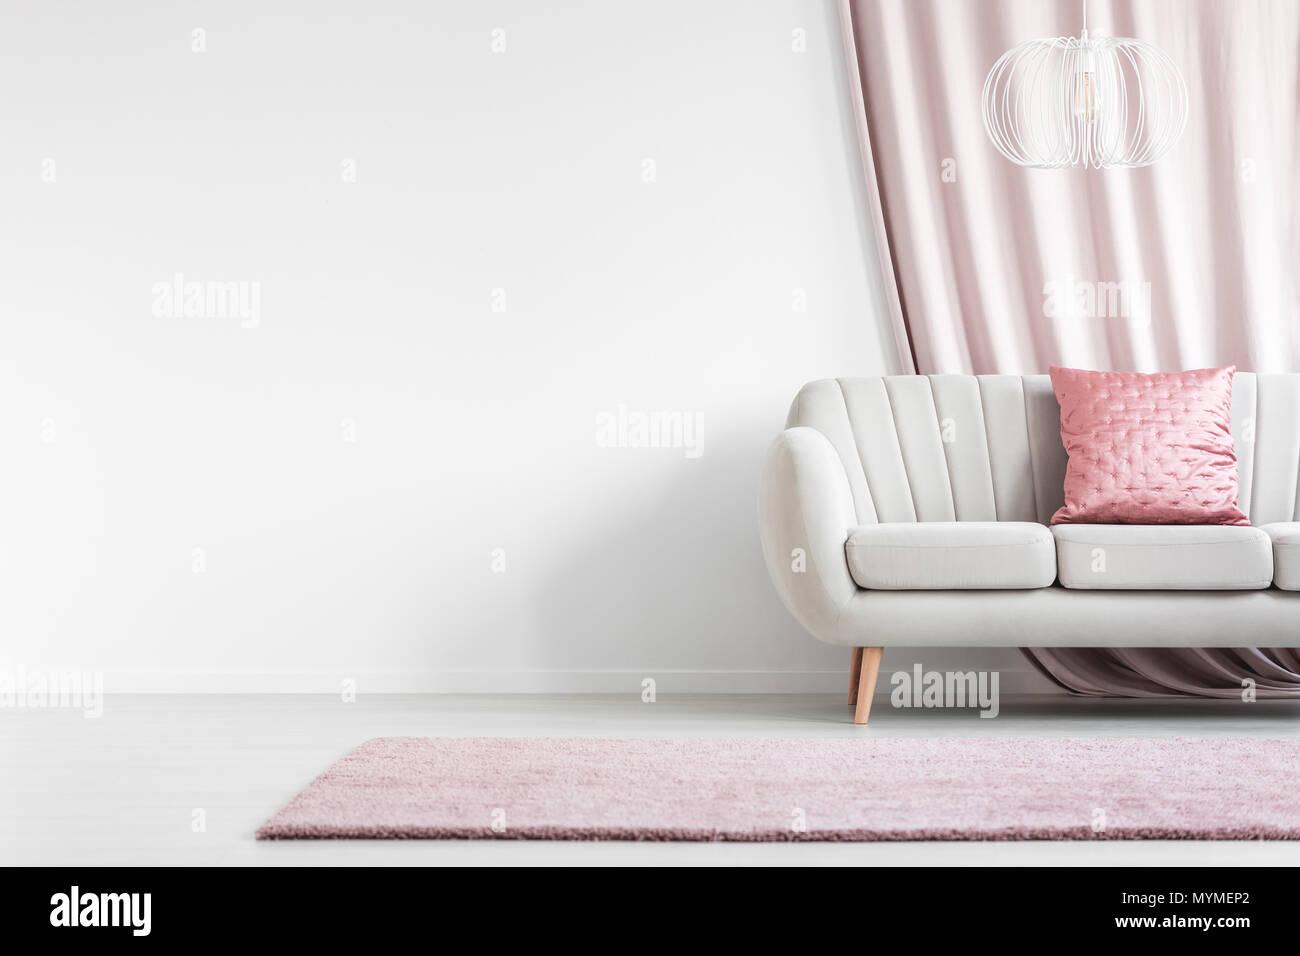 Tappeto Da Salotto Rosa : Tappeto rosa nella parte anteriore del divano bianco con cuscino